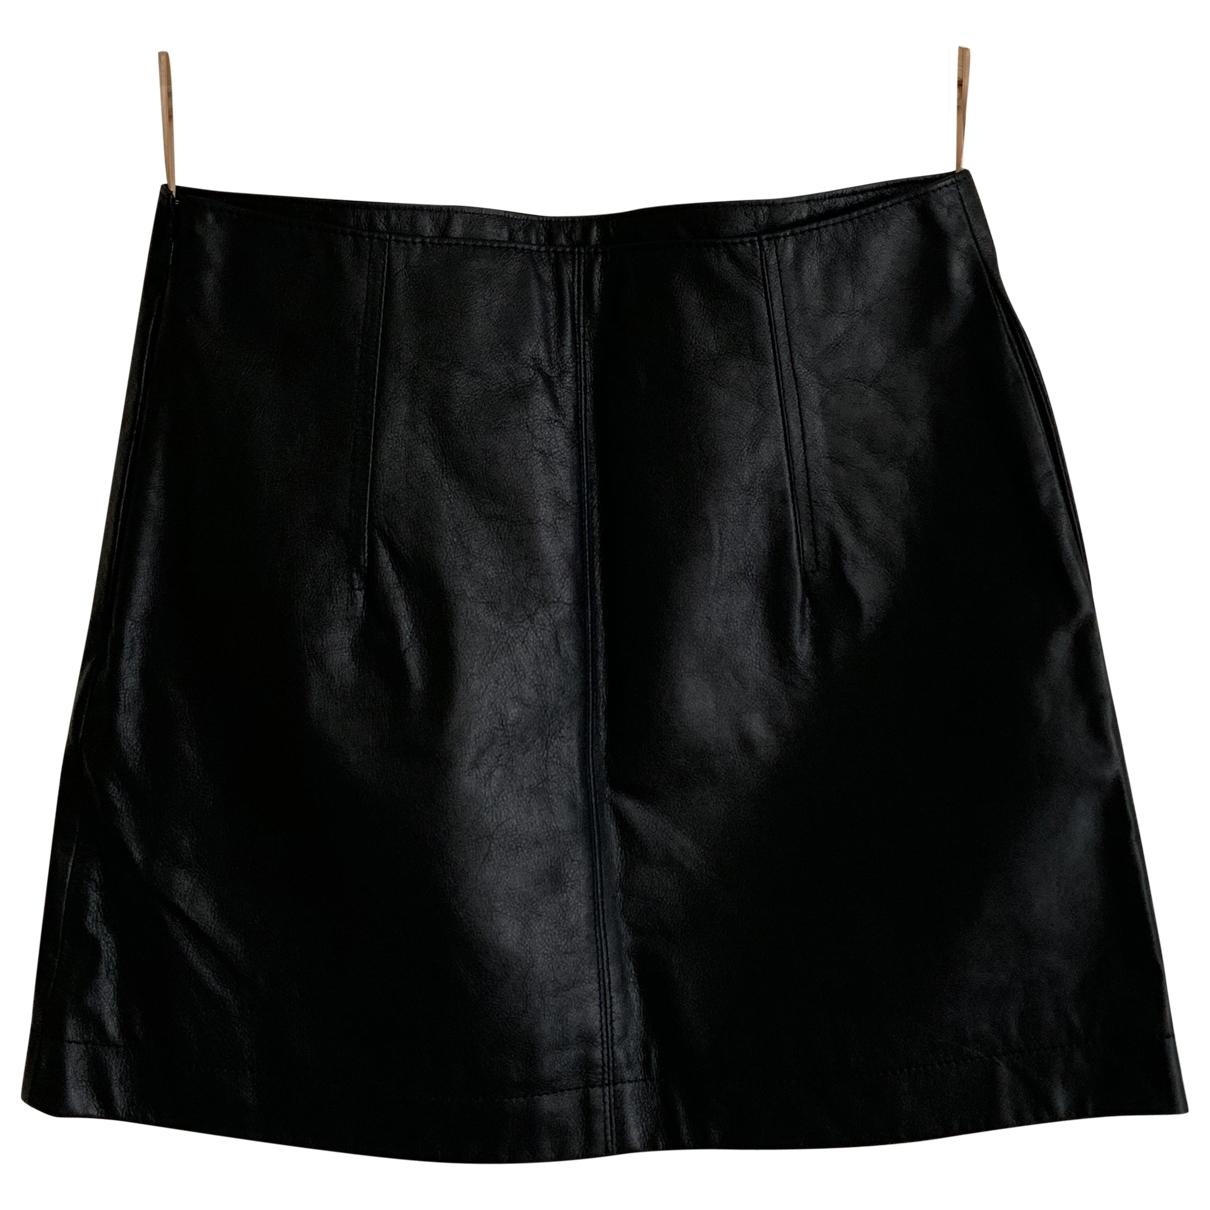 Chloe - Jupe   pour femme en cuir - noir